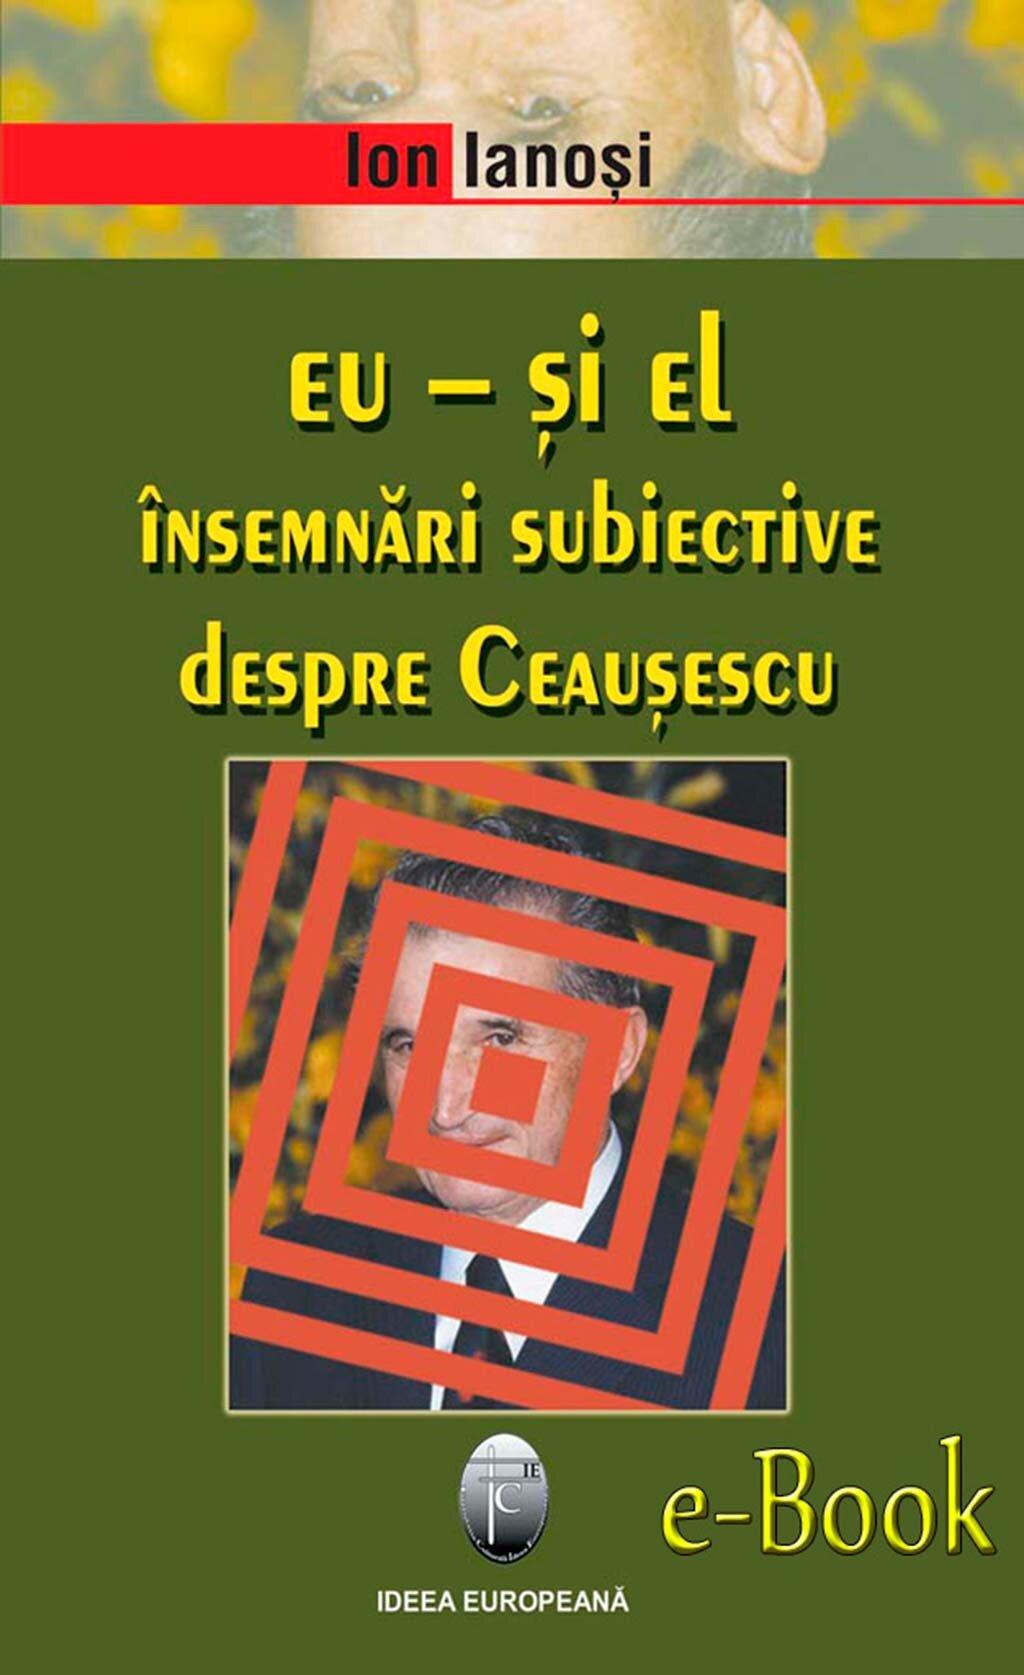 Eu - si el. Insemnari subiective despre Ceausescu (eBook)